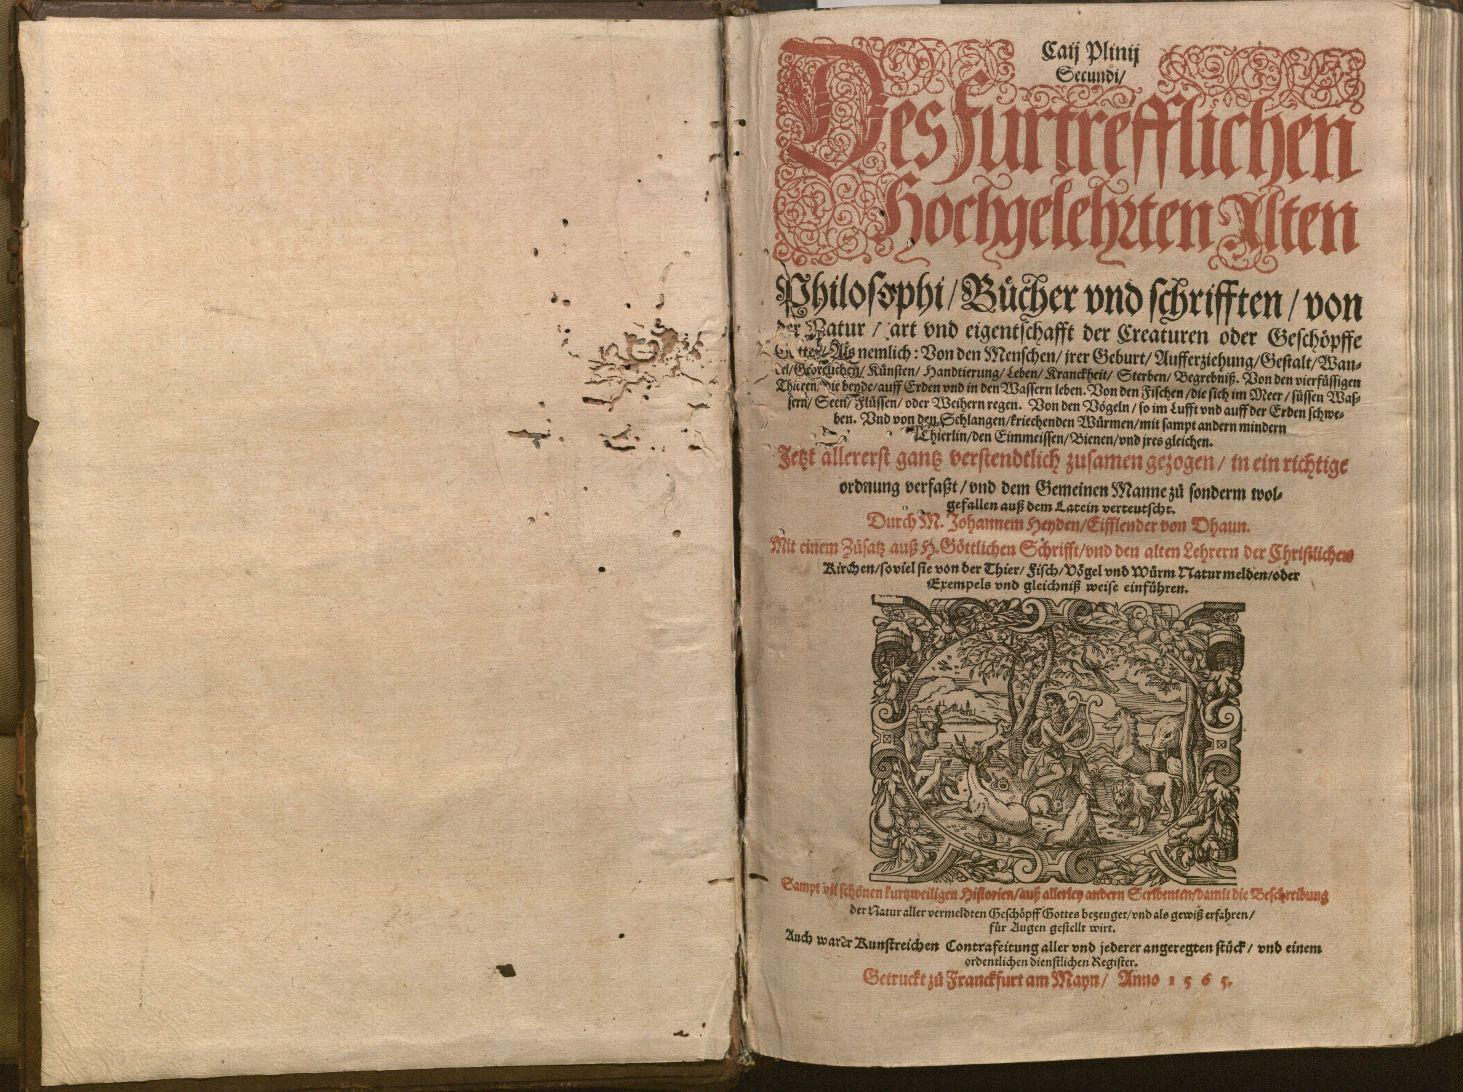 Image of title page for Bücher und Schrifften von der Natur (1565)